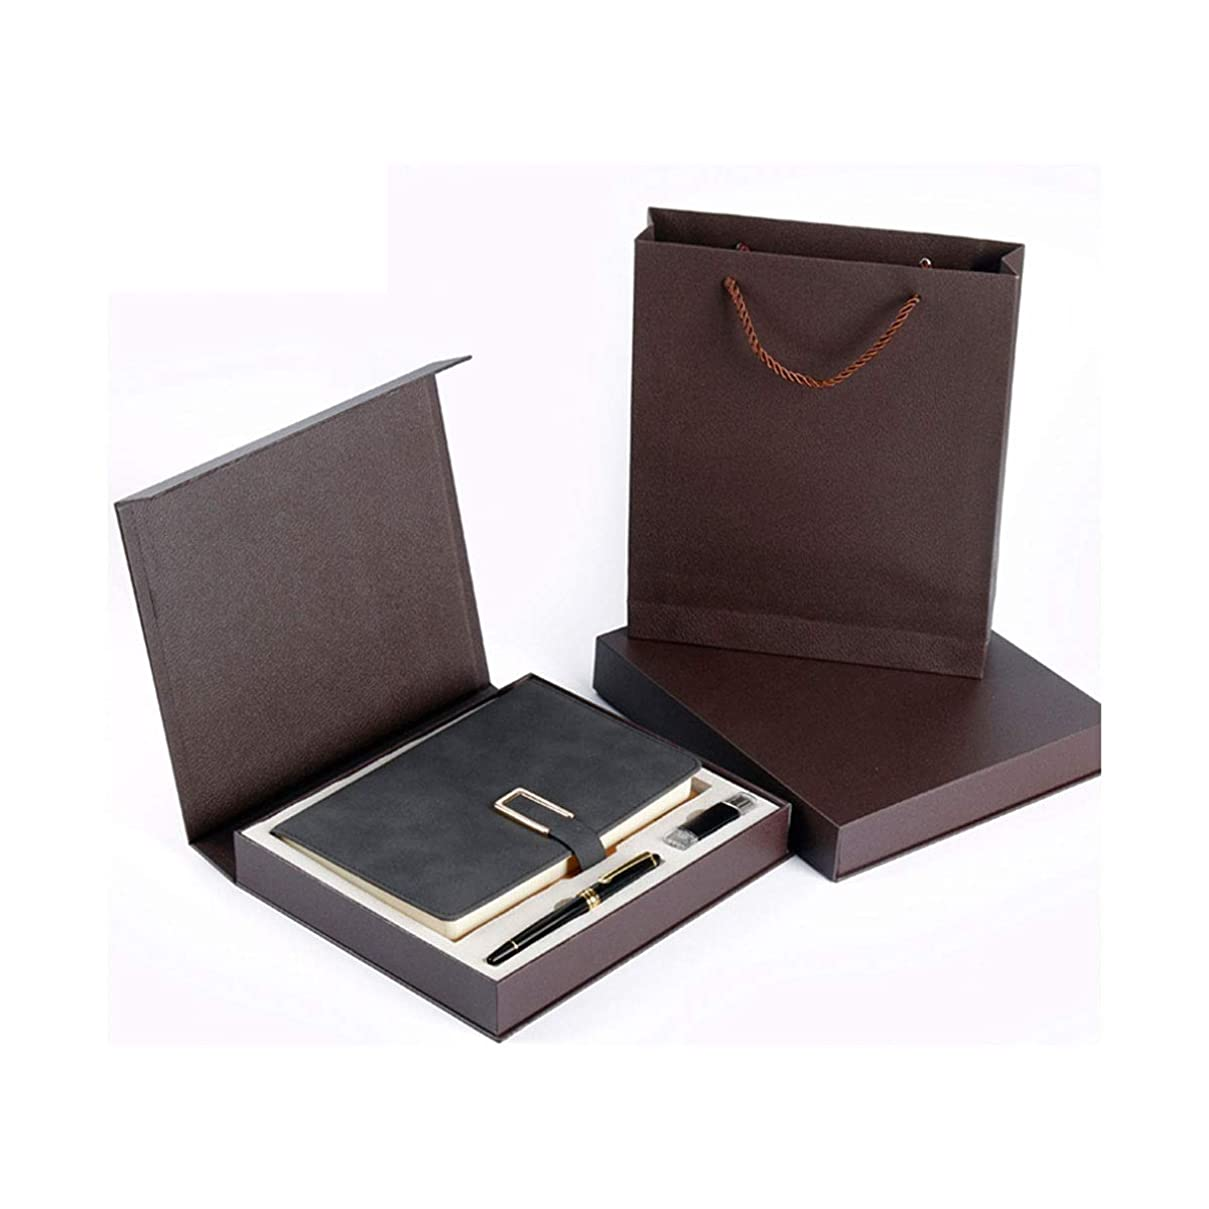 Kuqiqi 父の日ギフト、ノートブックギフトセット、日記、革のメモ帳、会議録、Uディスクビジネスノート、ブラック、茶色、ブルー、グレー、赤 高品質の製品 8 (Color : Red, Style : A)